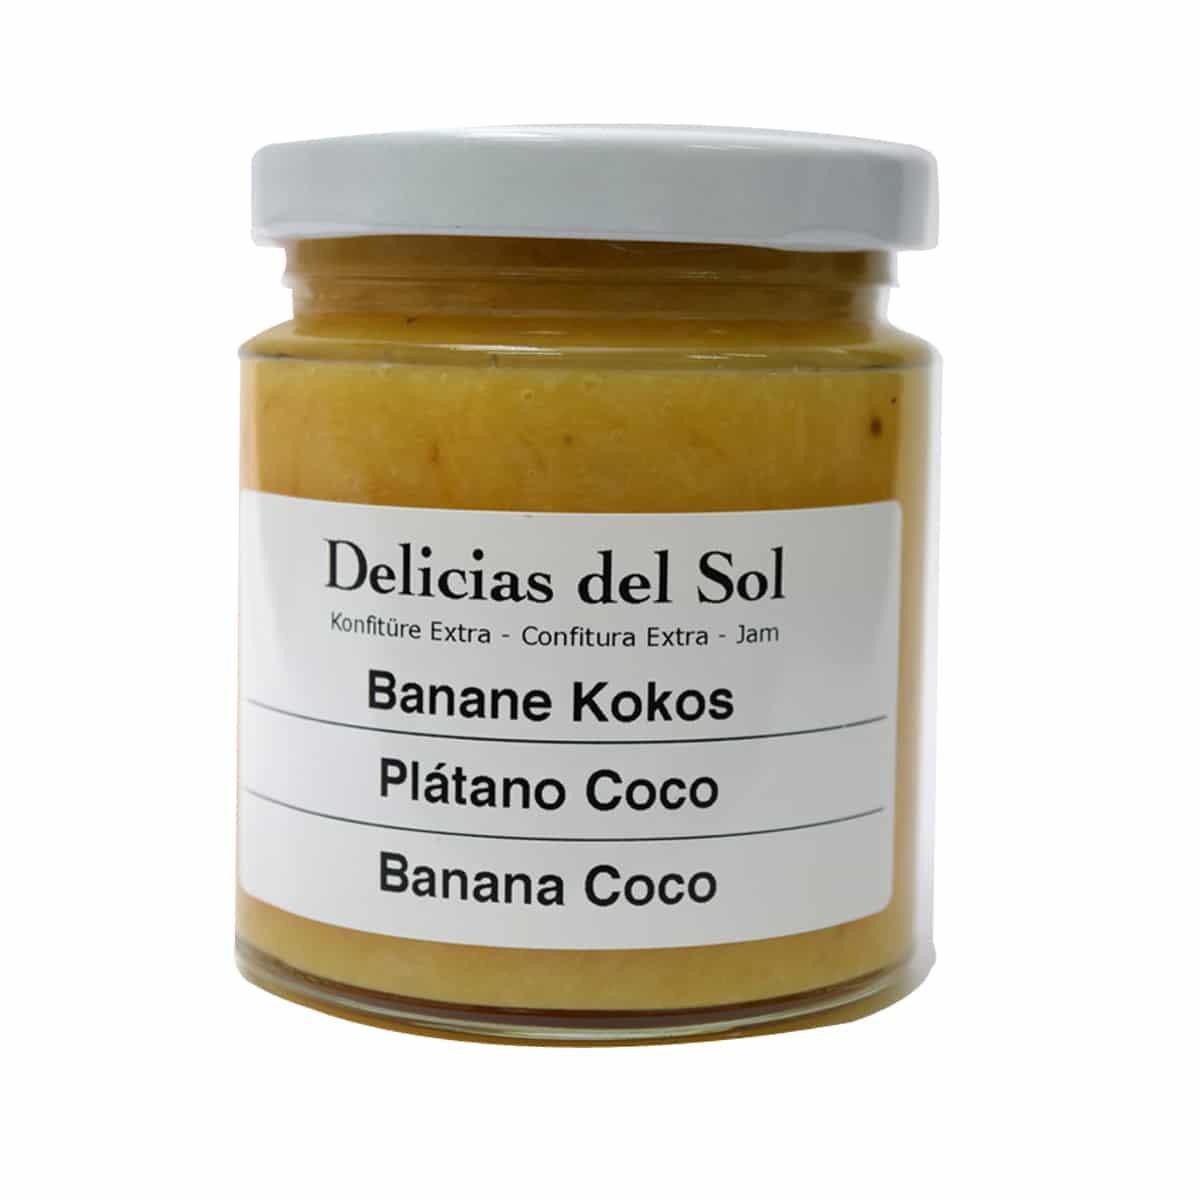 banane kokos delicias del sol. Black Bedroom Furniture Sets. Home Design Ideas